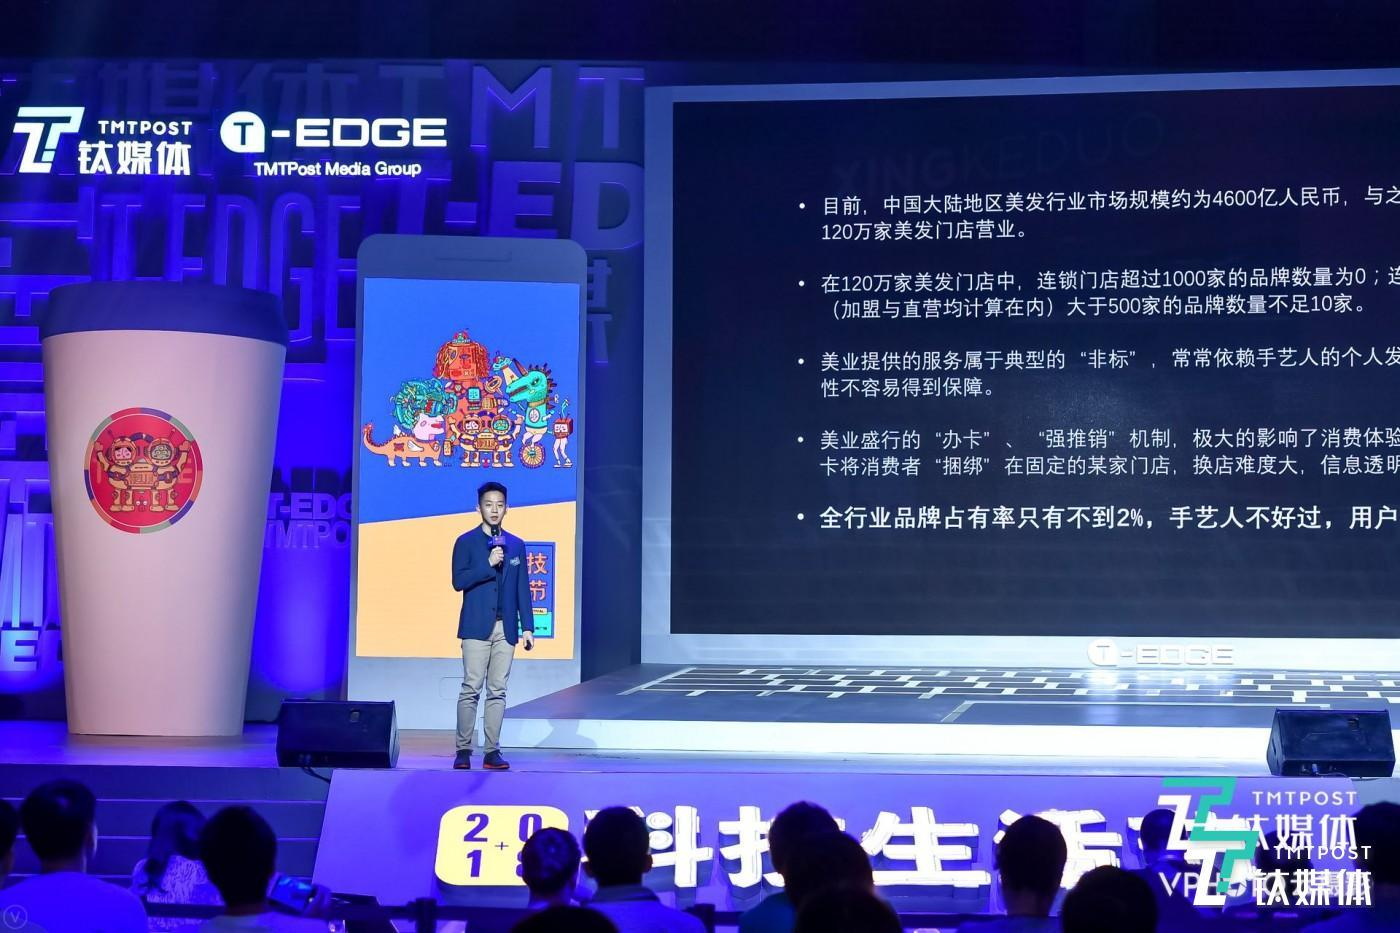 星客多创始人庄威@钛媒体科技生活节